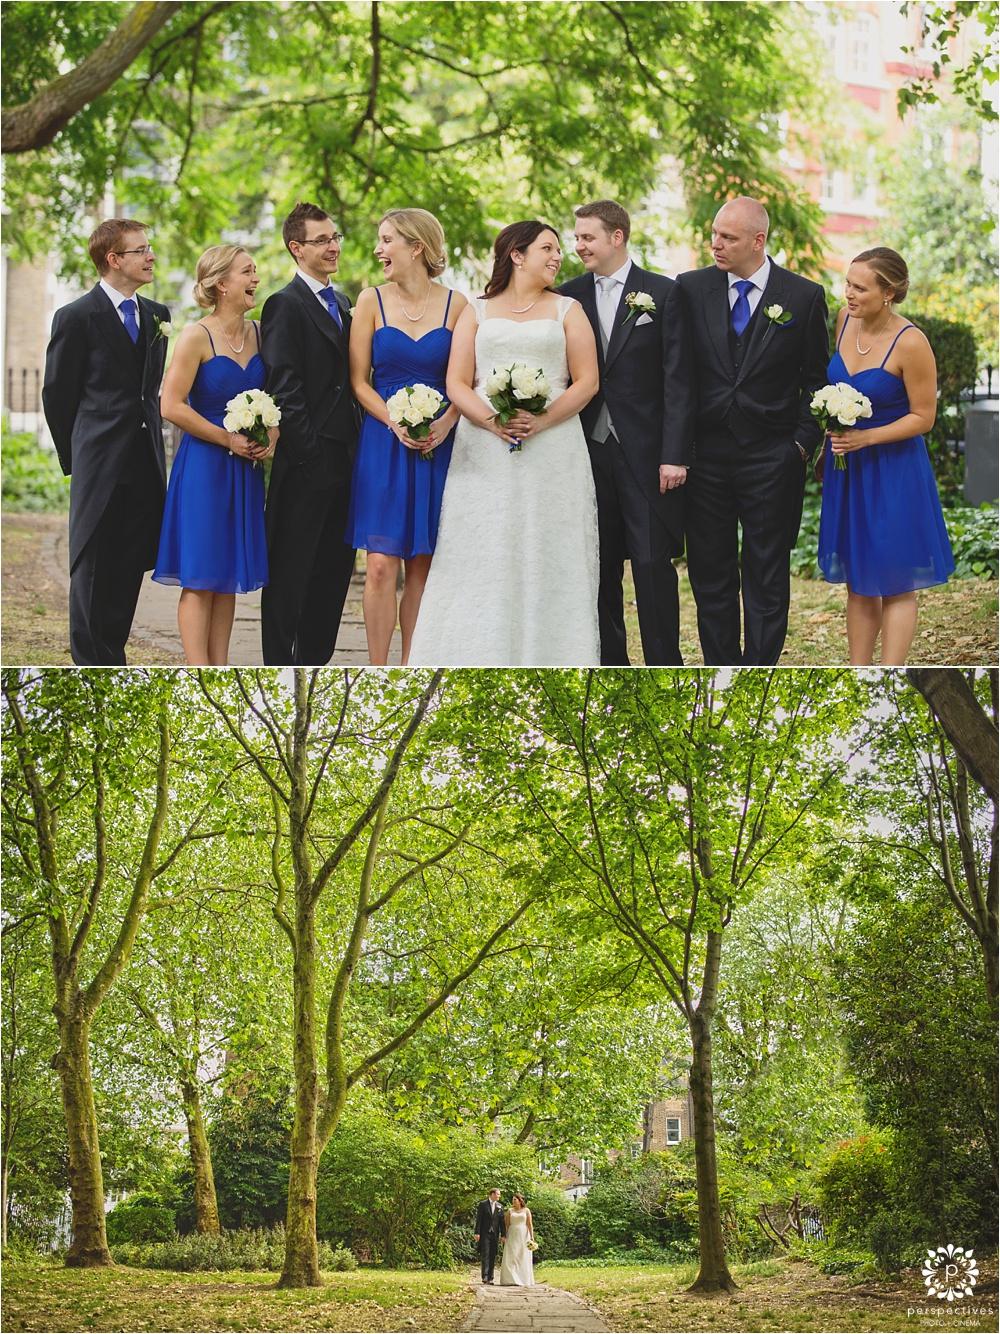 Artistic wedding photos near Islington Town Hall London